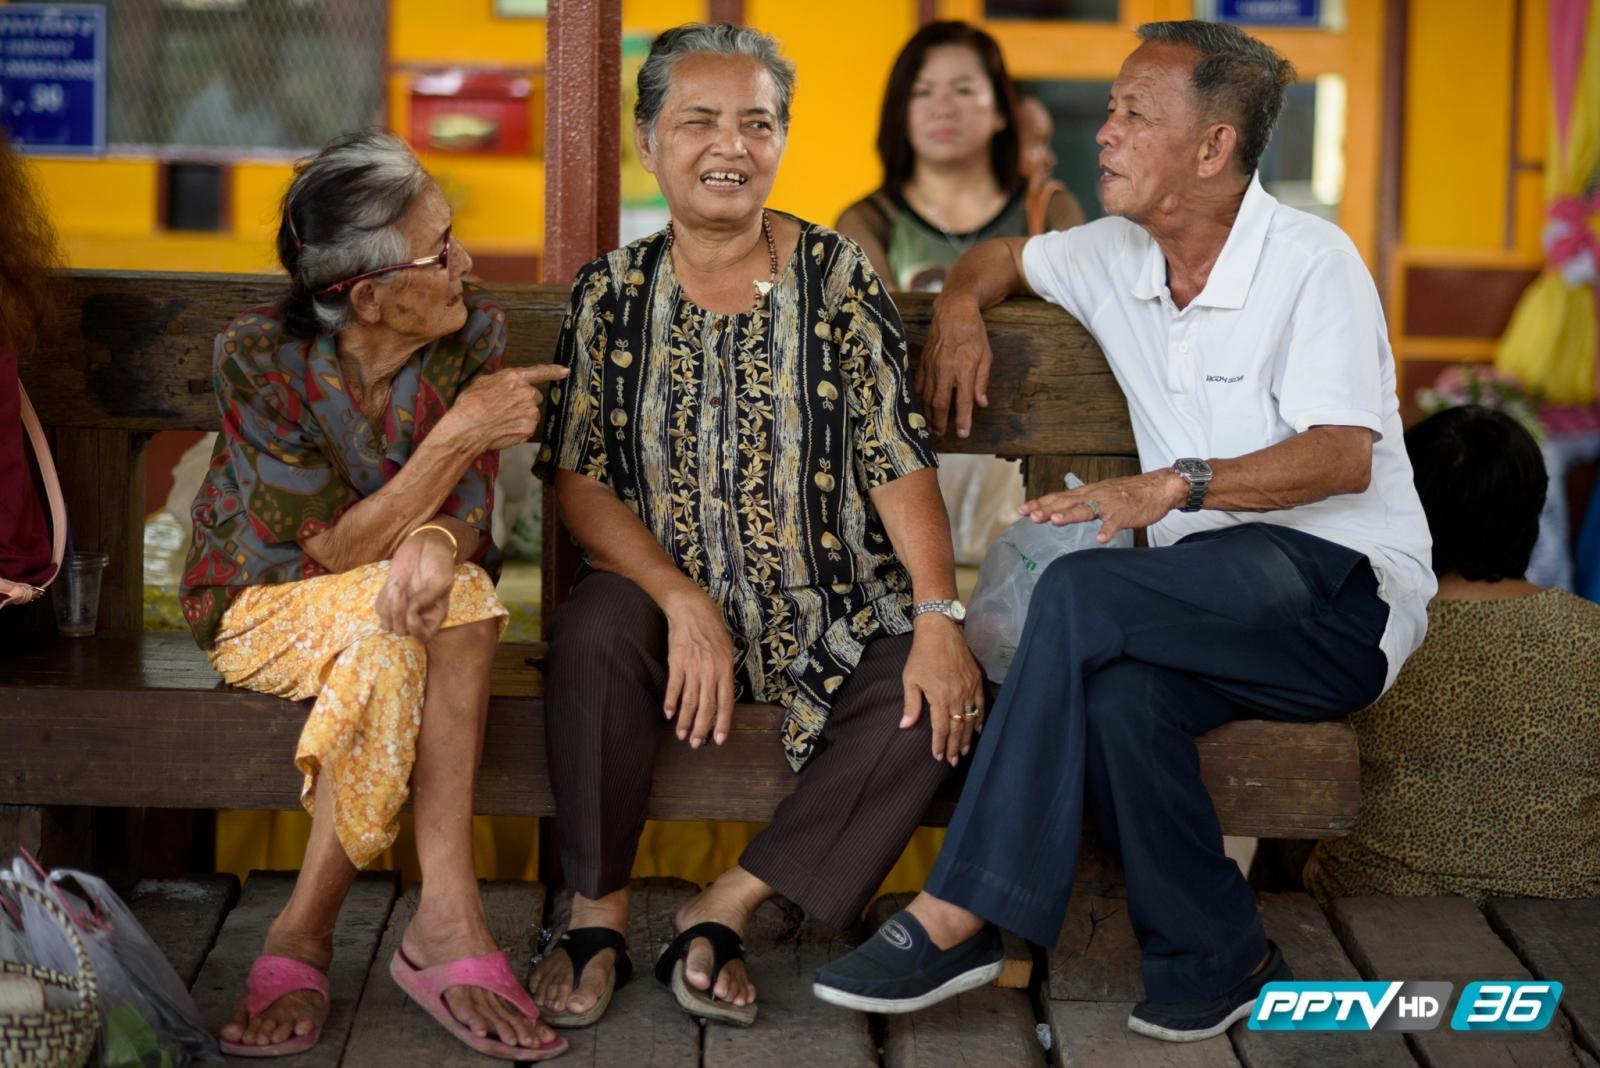 """สงกรานต์นี้ !!! อย่าลืมมอบความรัก """"ผู้สูงอายุ"""" ลดความเสี่ยงภาวะซึมเศร้า"""